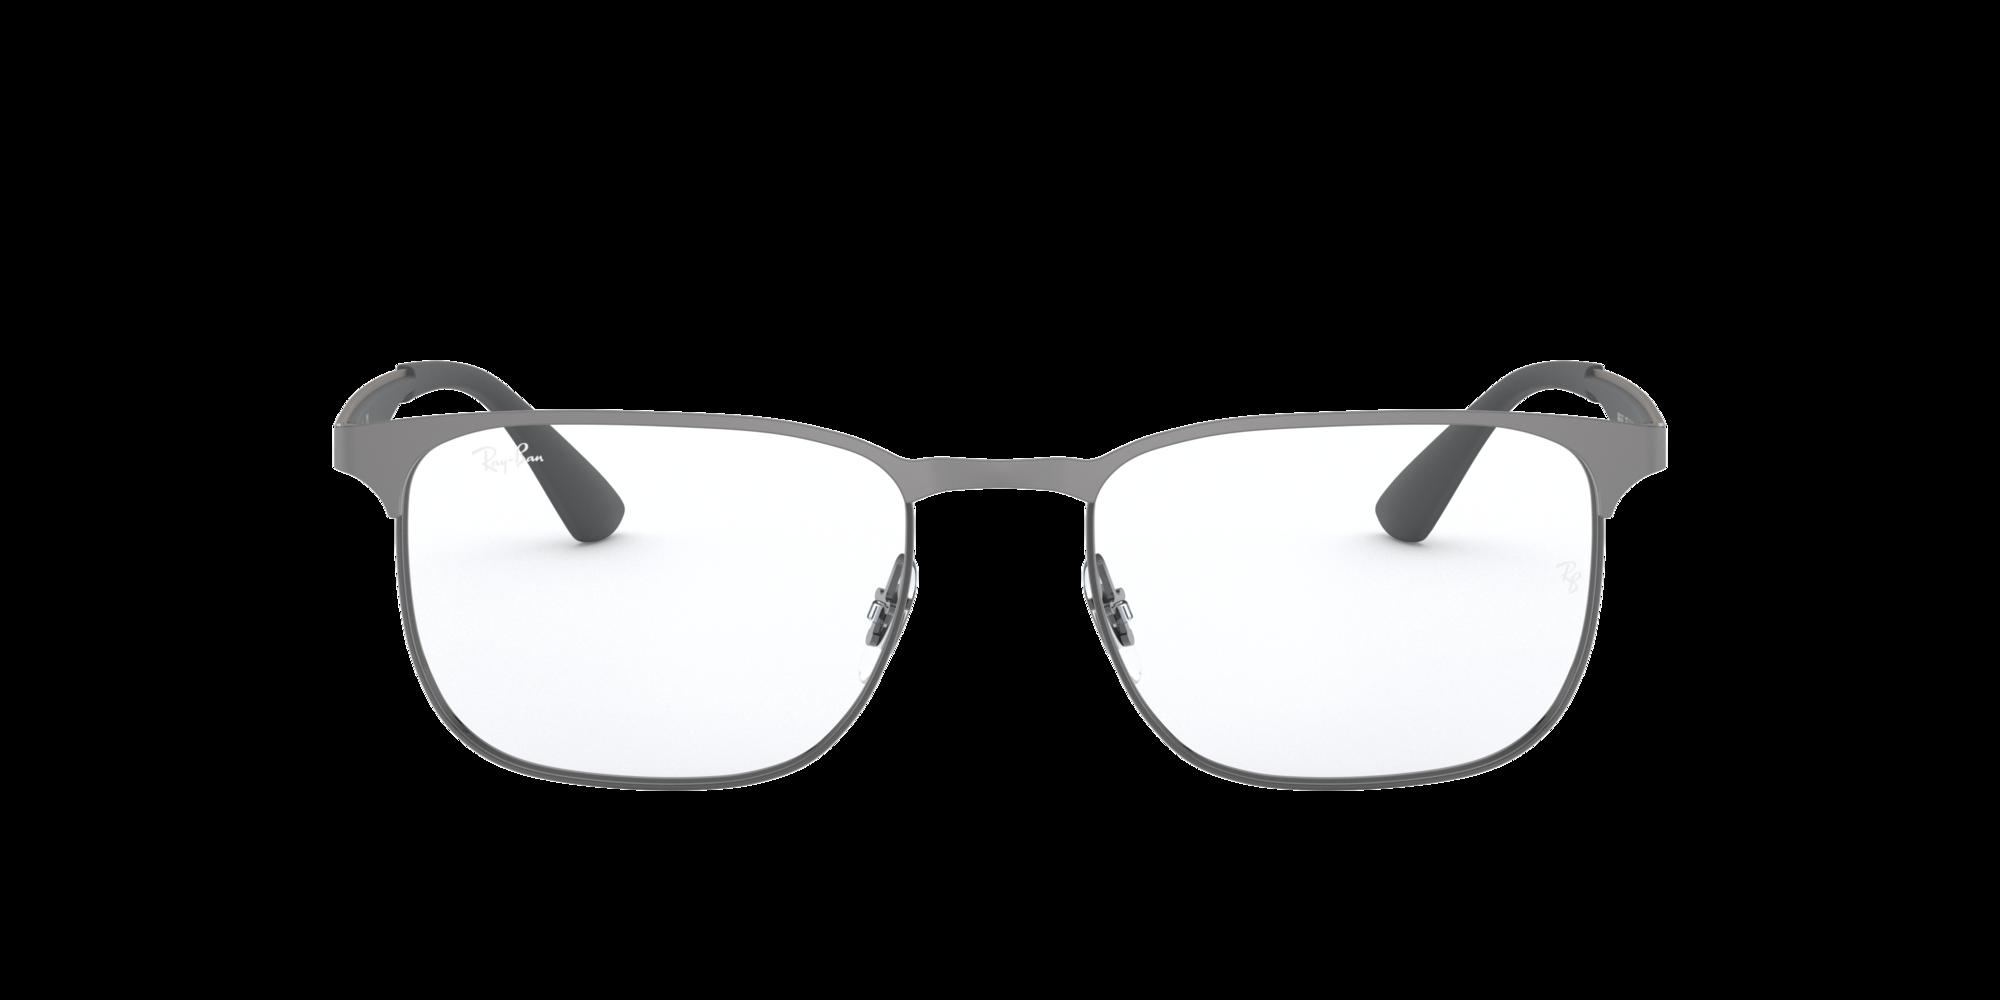 Imagen para RX6363 de LensCrafters |  Espejuelos, espejuelos graduados en línea, gafas